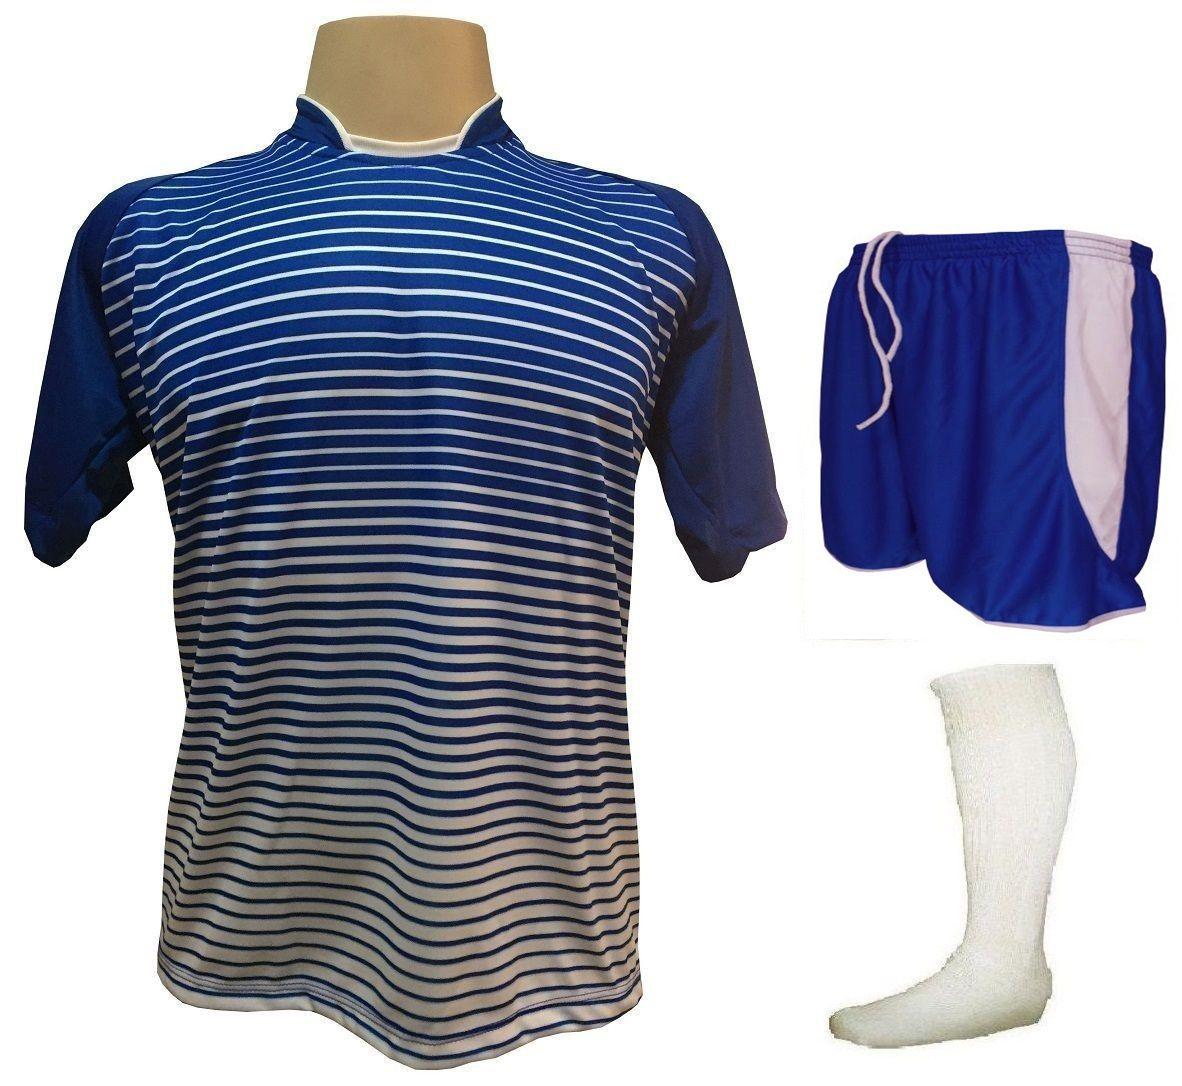 Fardamento Completo modelo City 18+1 (18 Camisas Royal/Branco + 18 Calções Copa Royal/Branco + 18 Pares de Meiões Brancos + 1 Conjunto de Goleiro) + Brindes